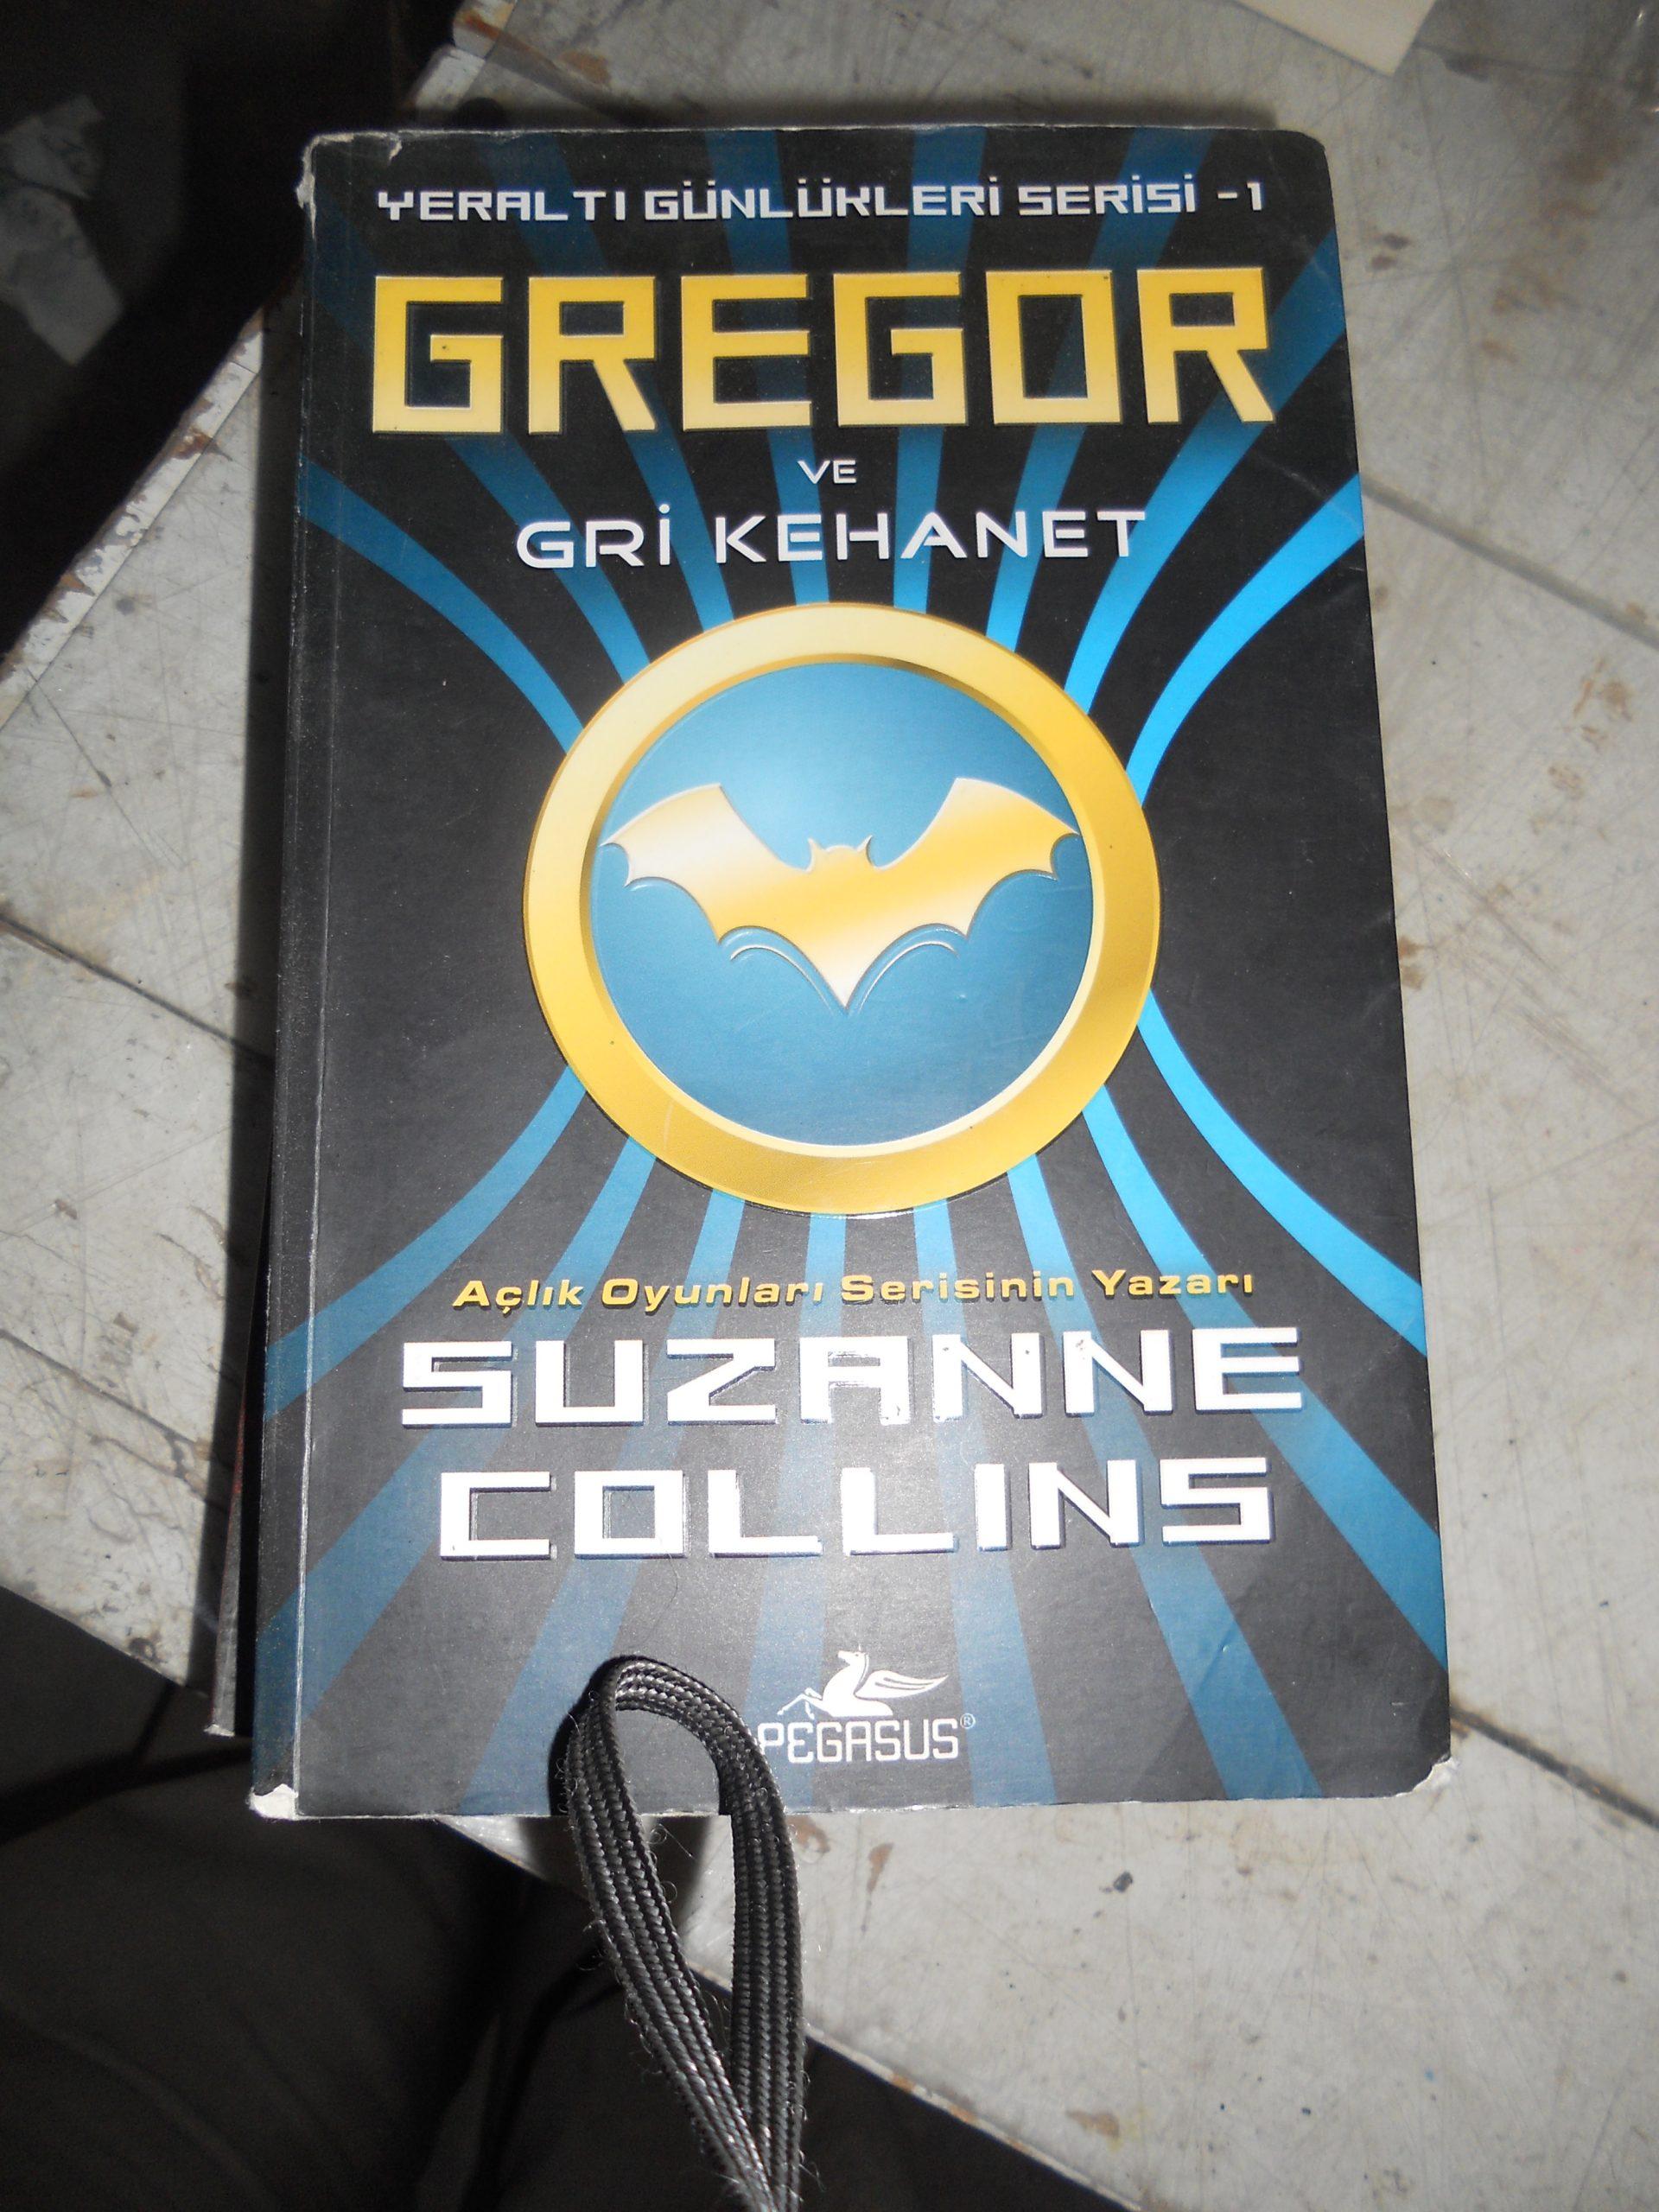 GREGOR ve GRİ KEHANET/Suzanne COLLINS/ 10 TL